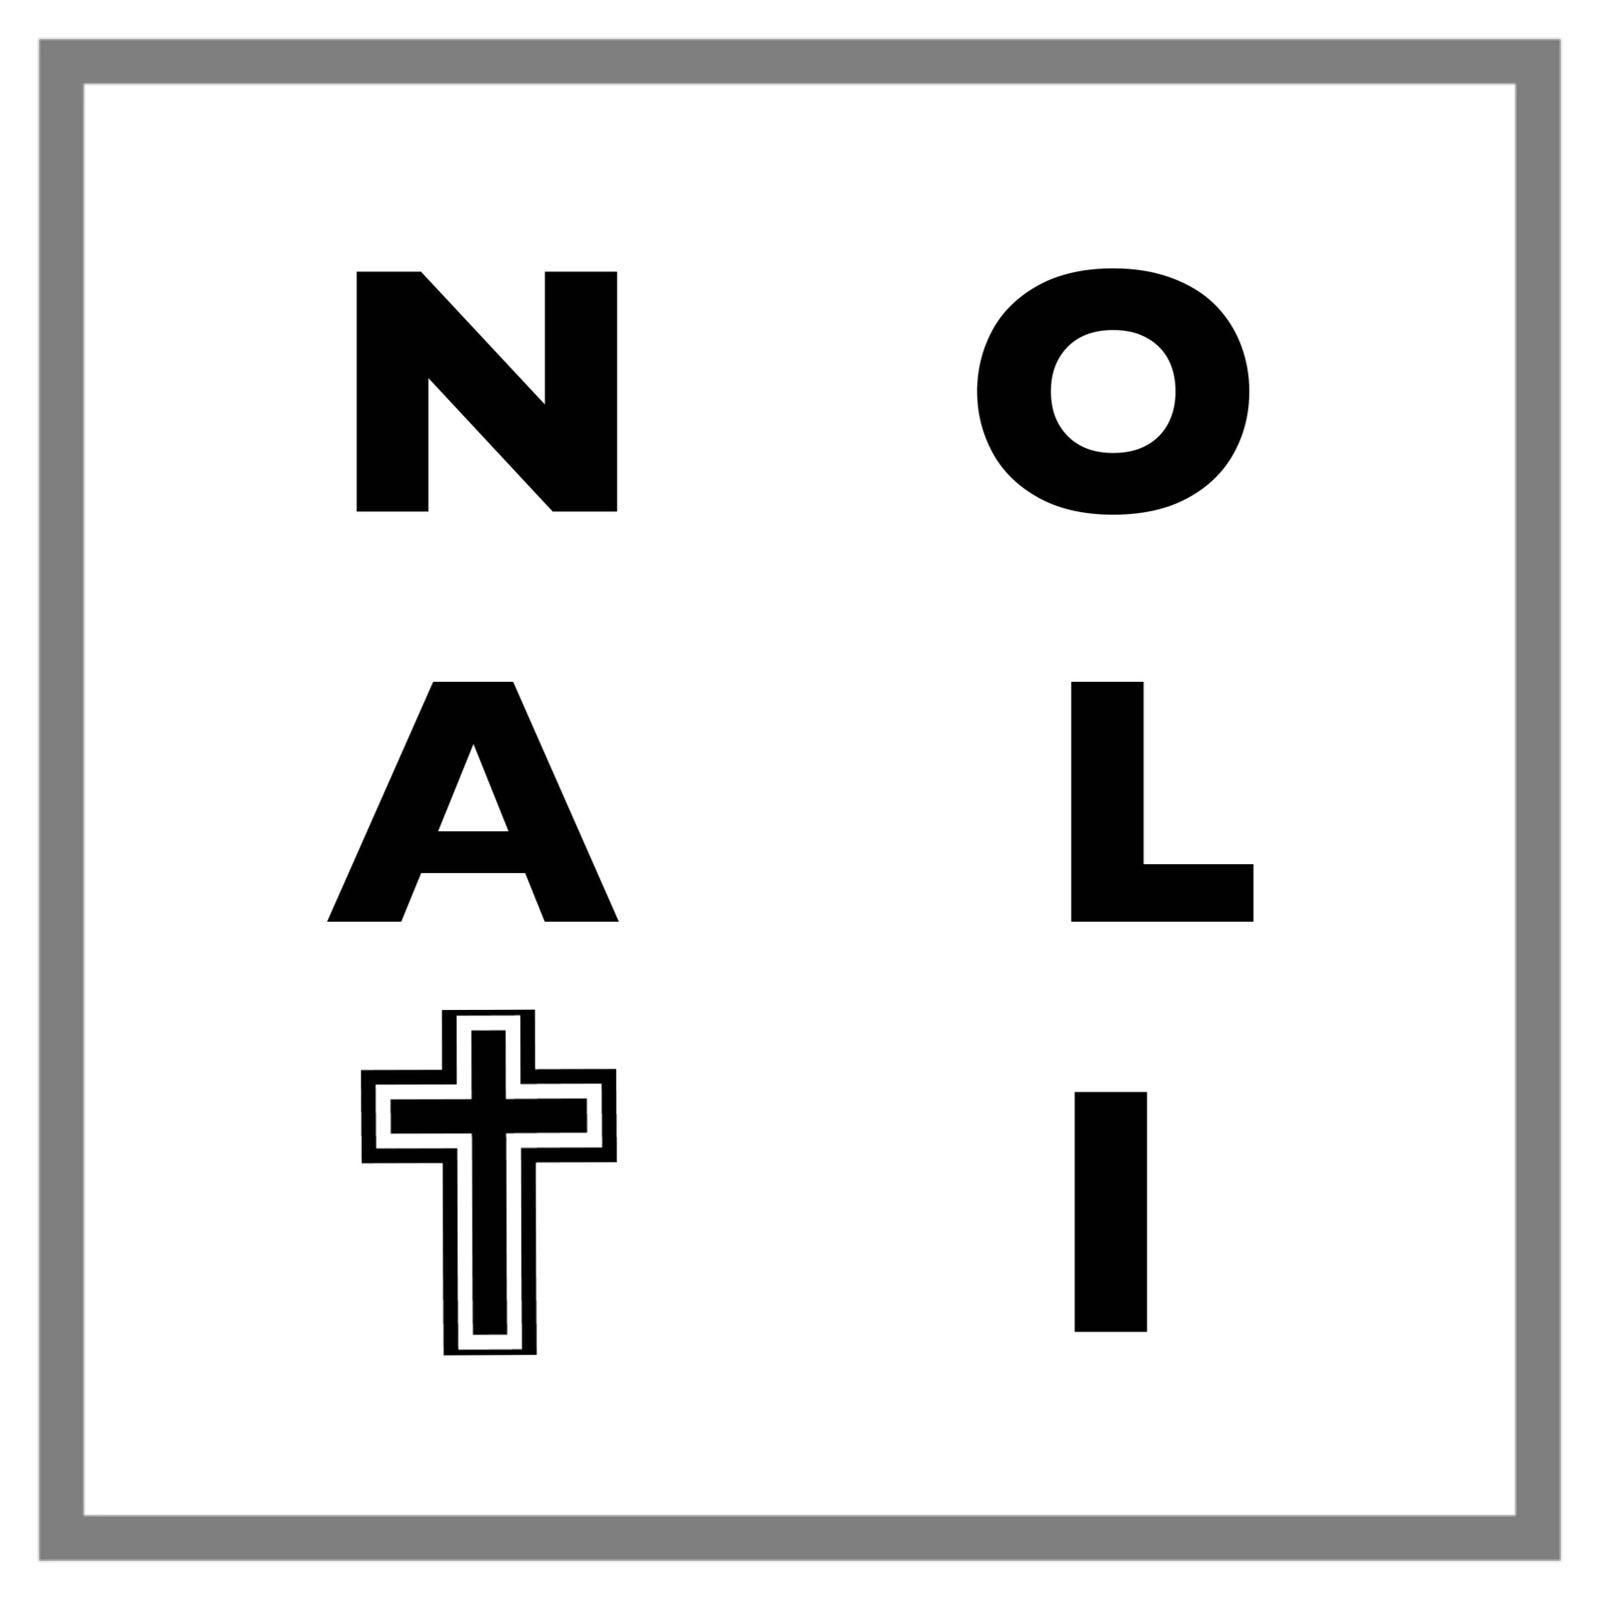 NatOli